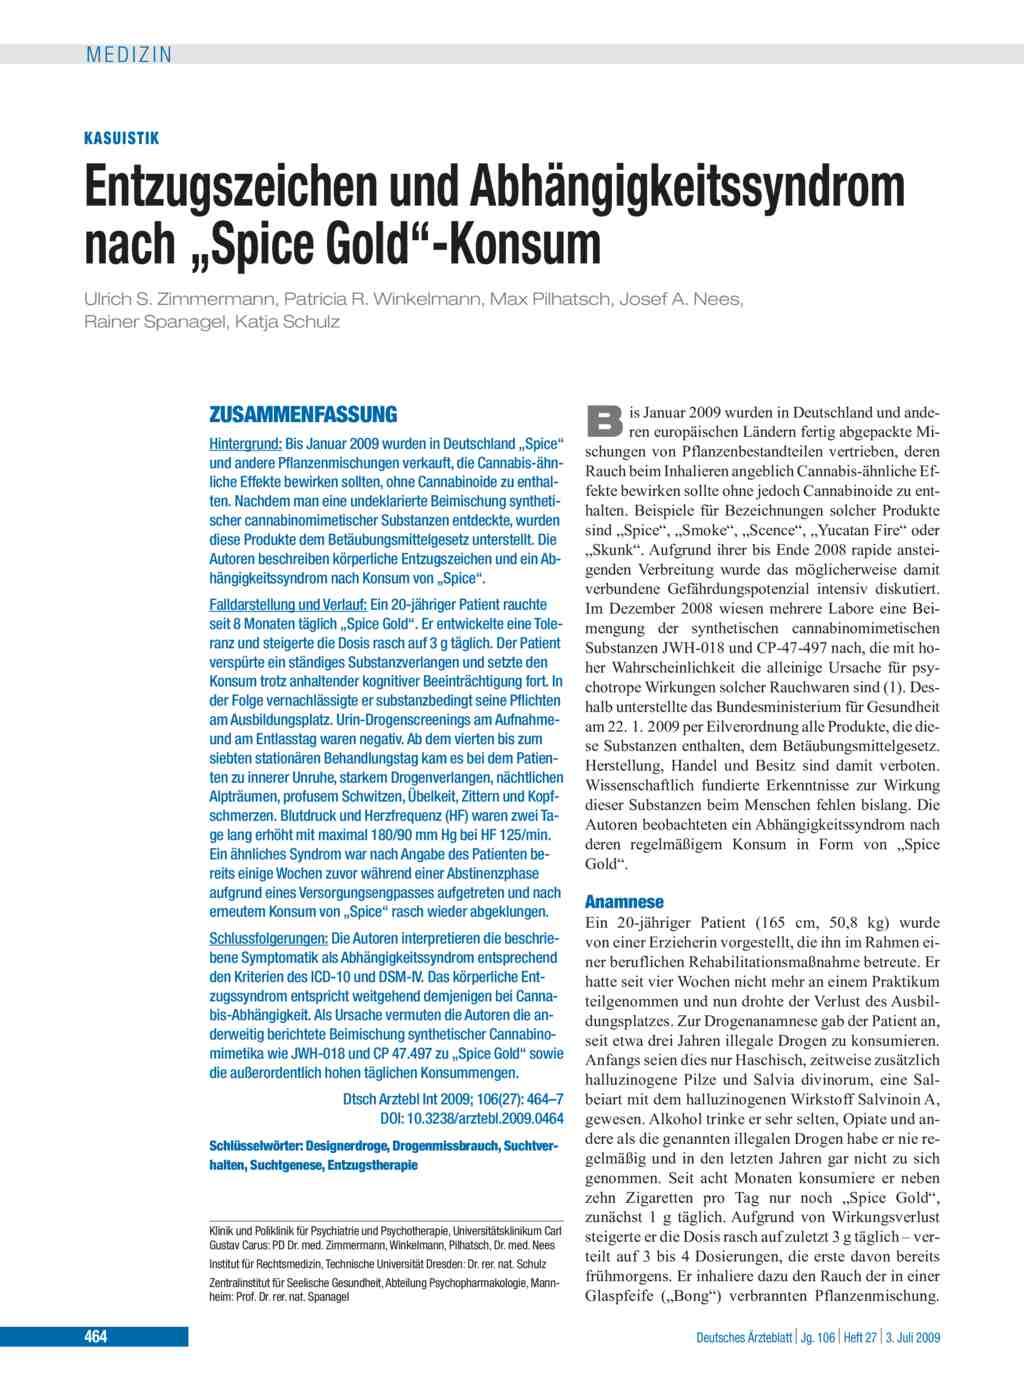 Entzugszeichen Und Abhängigkeitssyndrom Nach Spice Gold Konsum